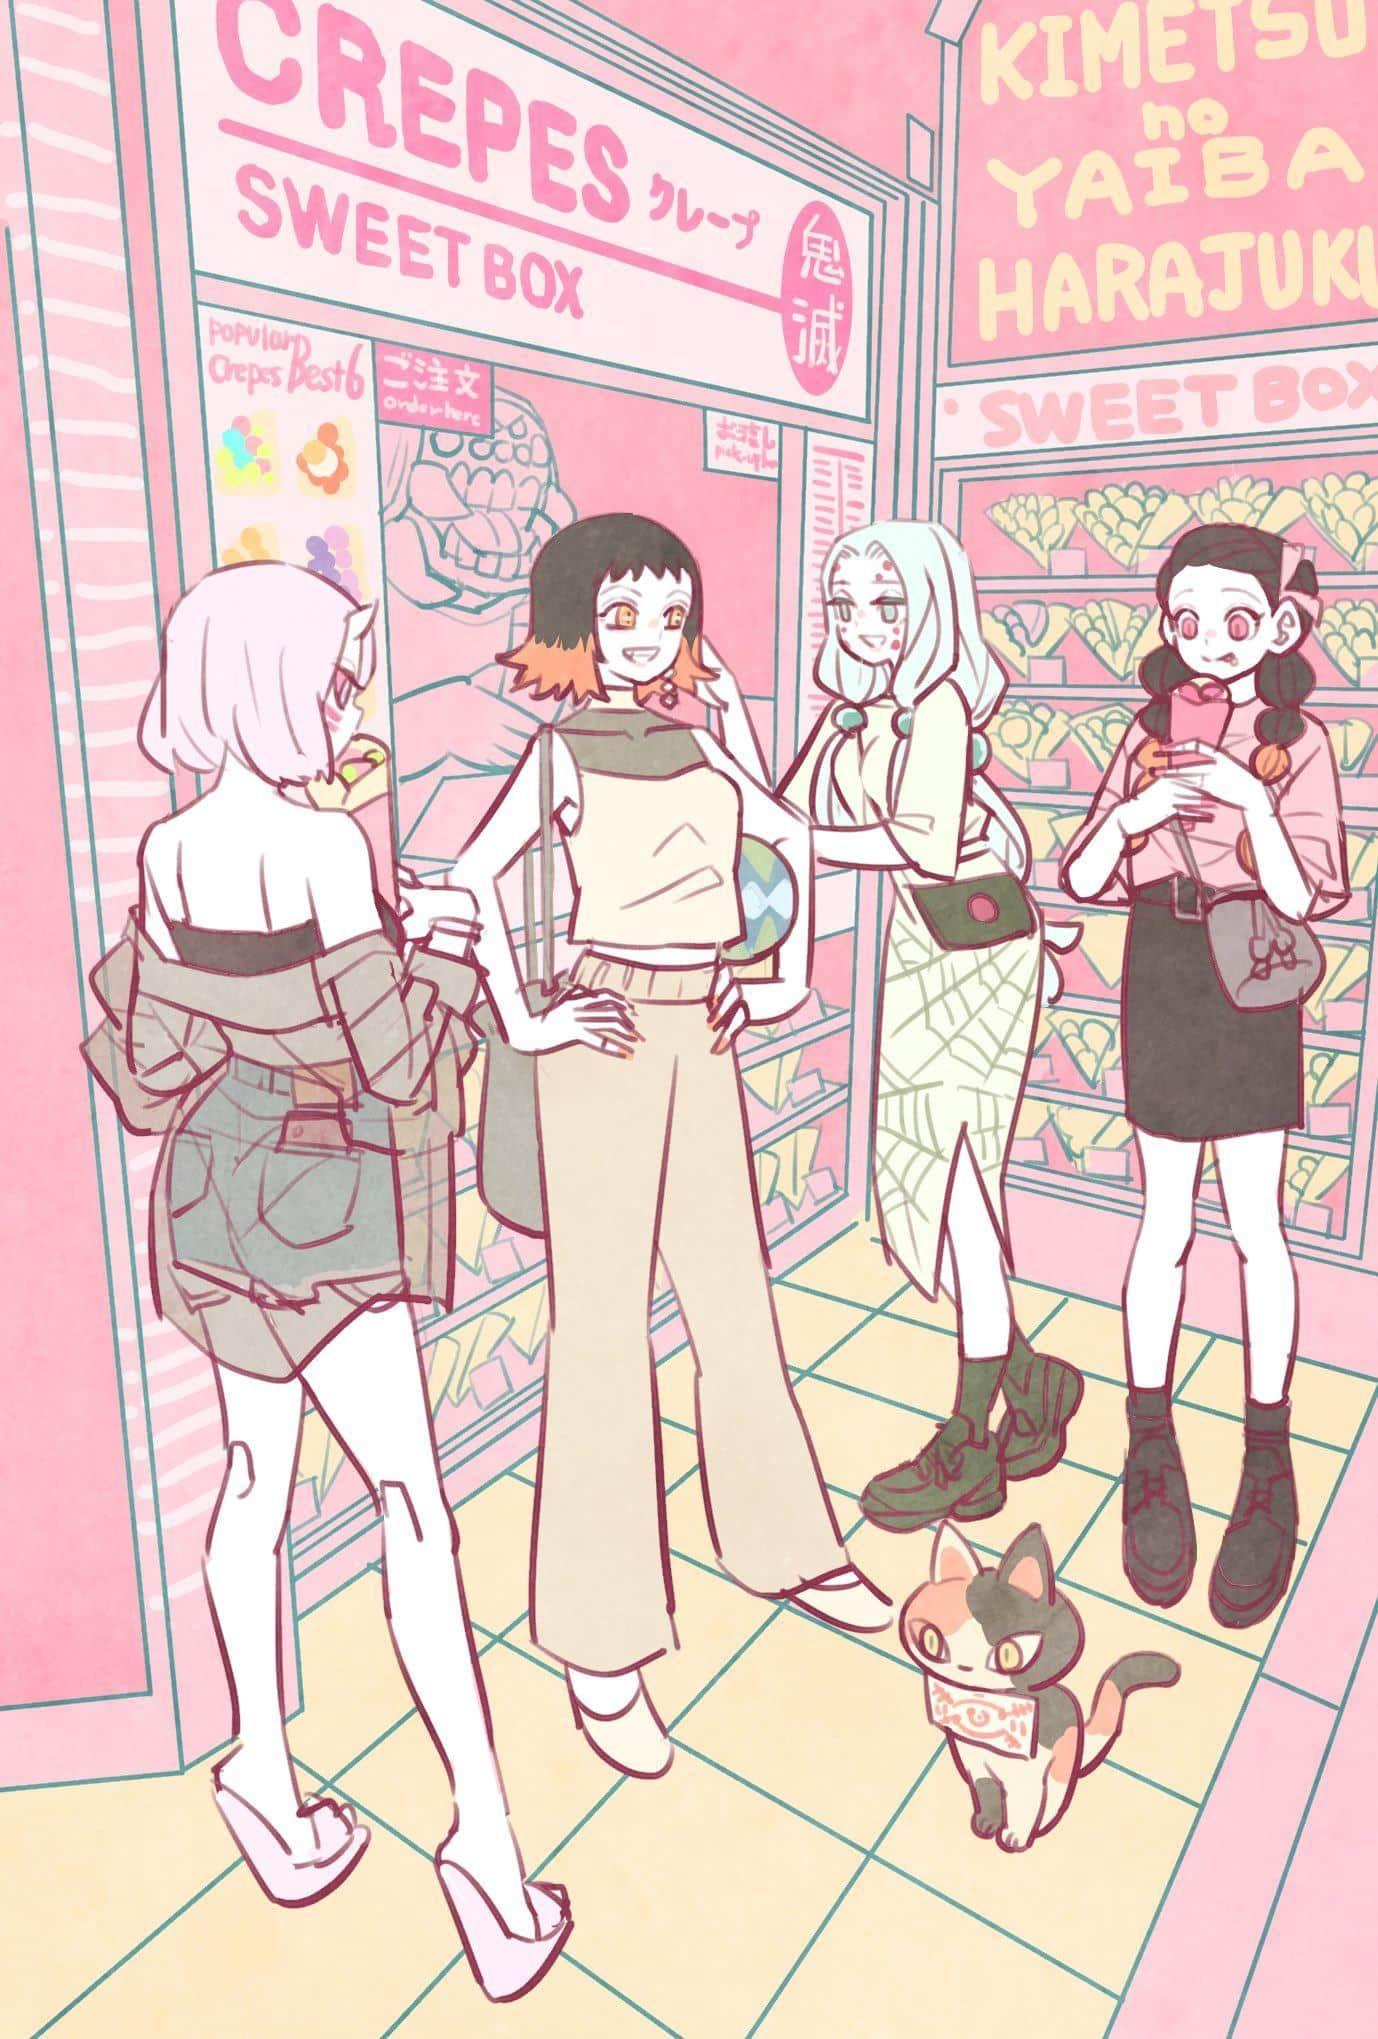 Pin by Hắc Miêu on [Oni] Kimetsu [Quỷ] in 2020 Anime